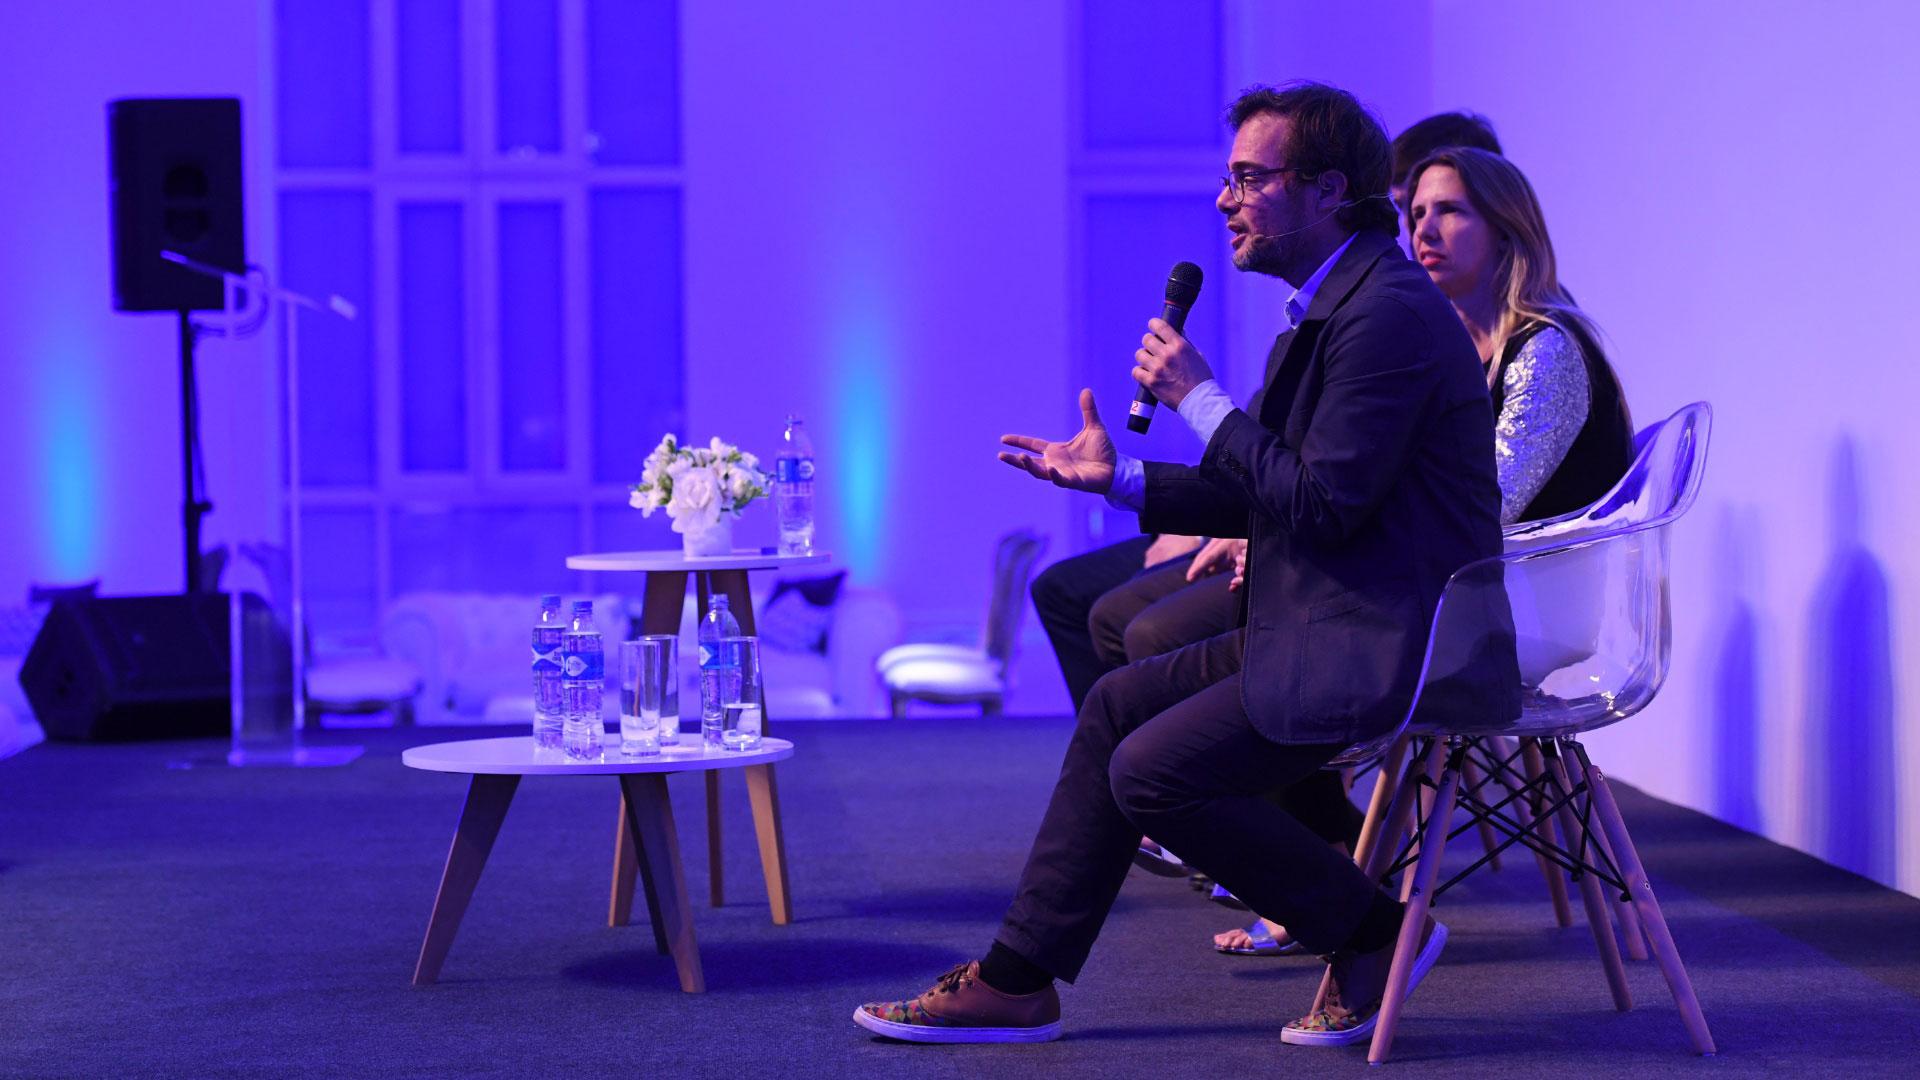 """Avogadro, ministro de Cultura de la Ciudad brindó su aporte en la primer jornada de Innovación del festival. Una audiencia interesada en las diferentes conferencias en la segunda parte del día 1 del FIAP. """"Nuestro trabajo es promover la cultura en todos lados"""""""